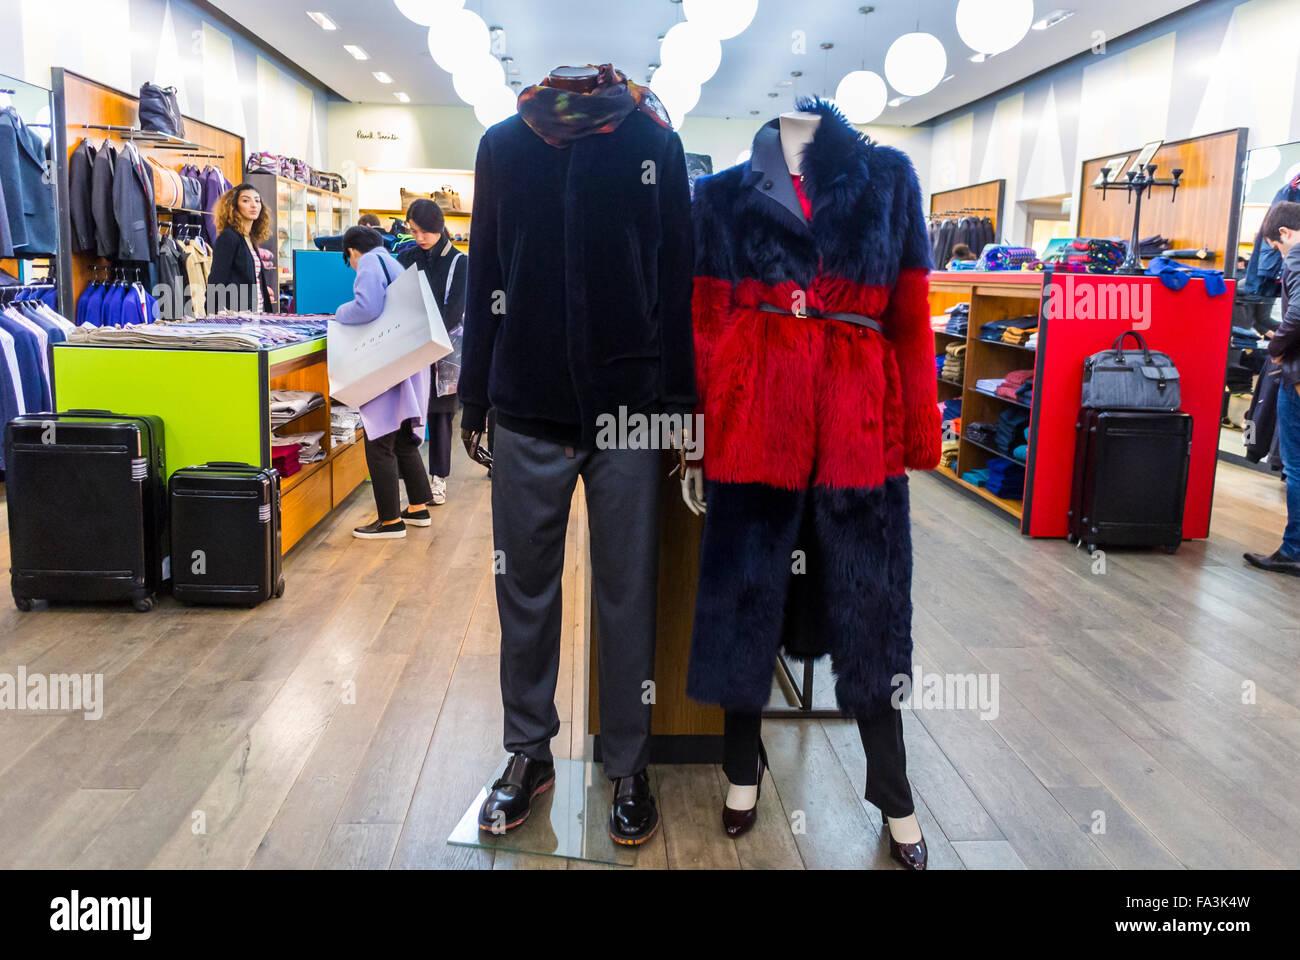 marne la vallée shop photos & marne la vallée shop images - alamy